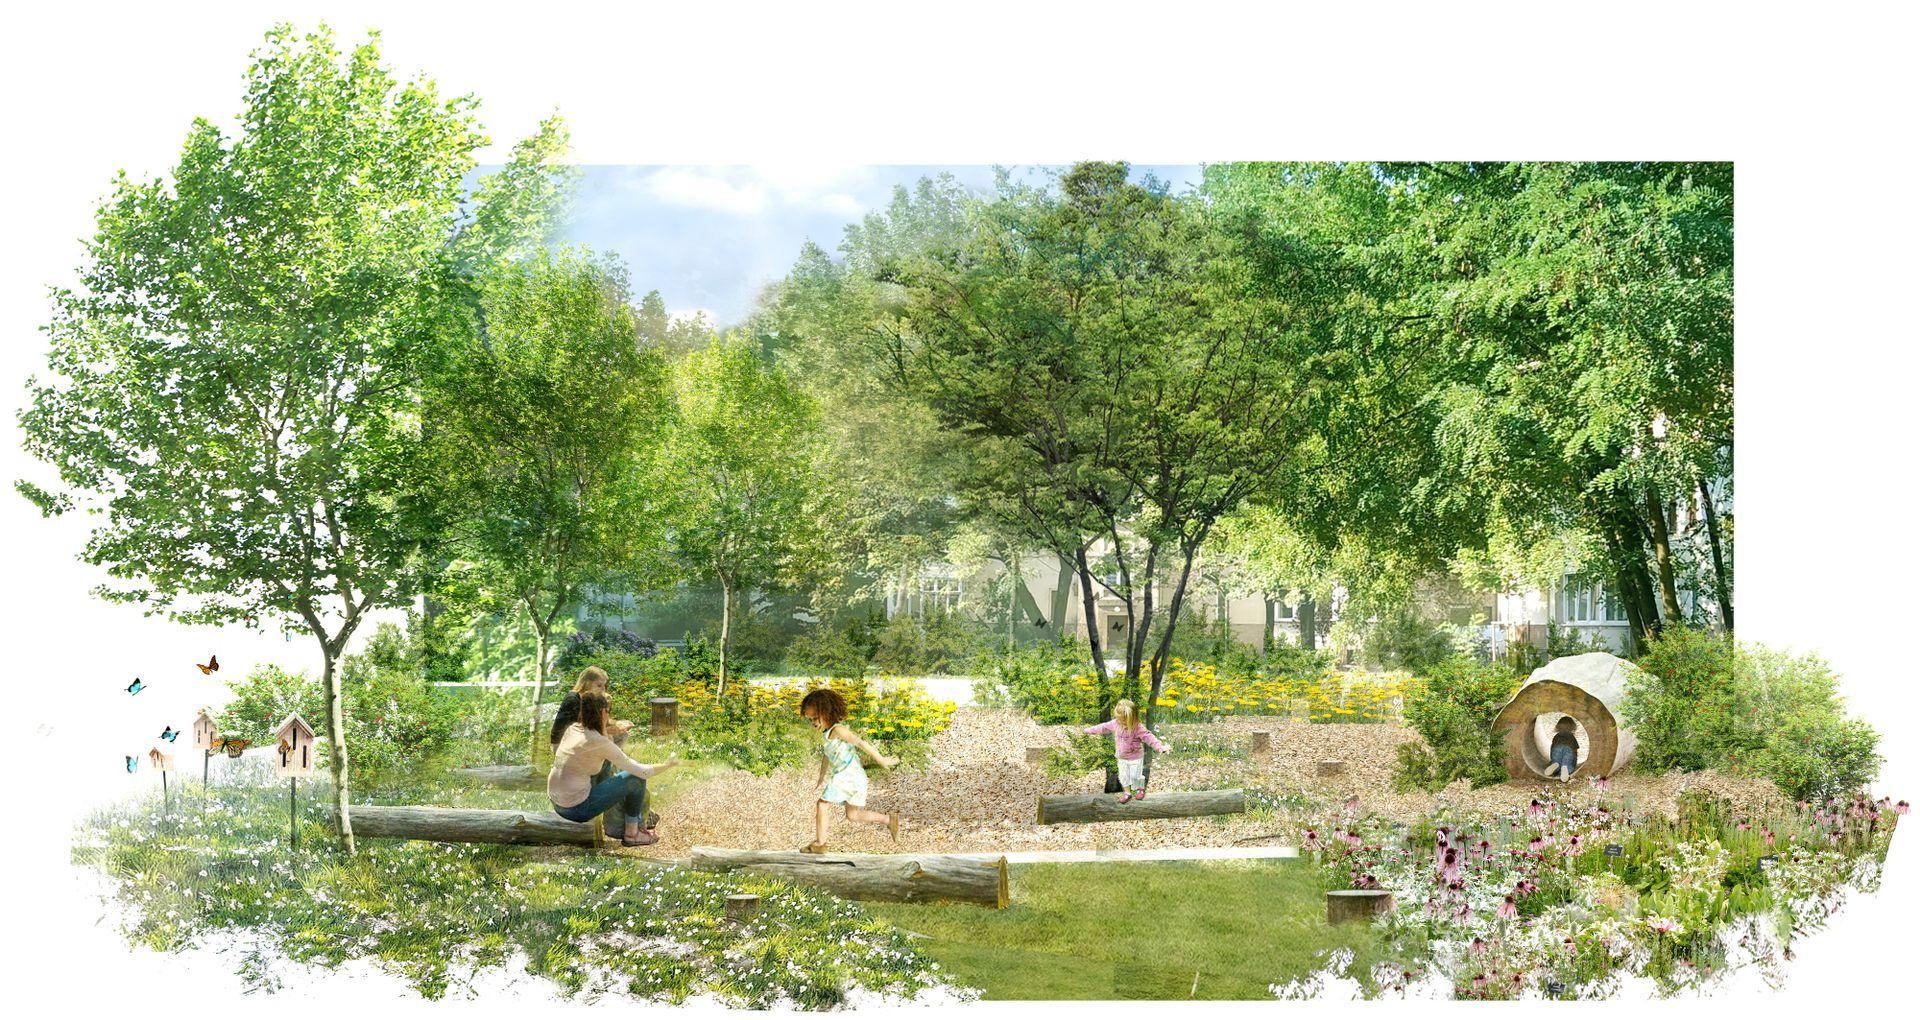 Wrocław: Grow Green – nowe parki kieszonkowe na Ołbinie tańsze, niż się spodziewano